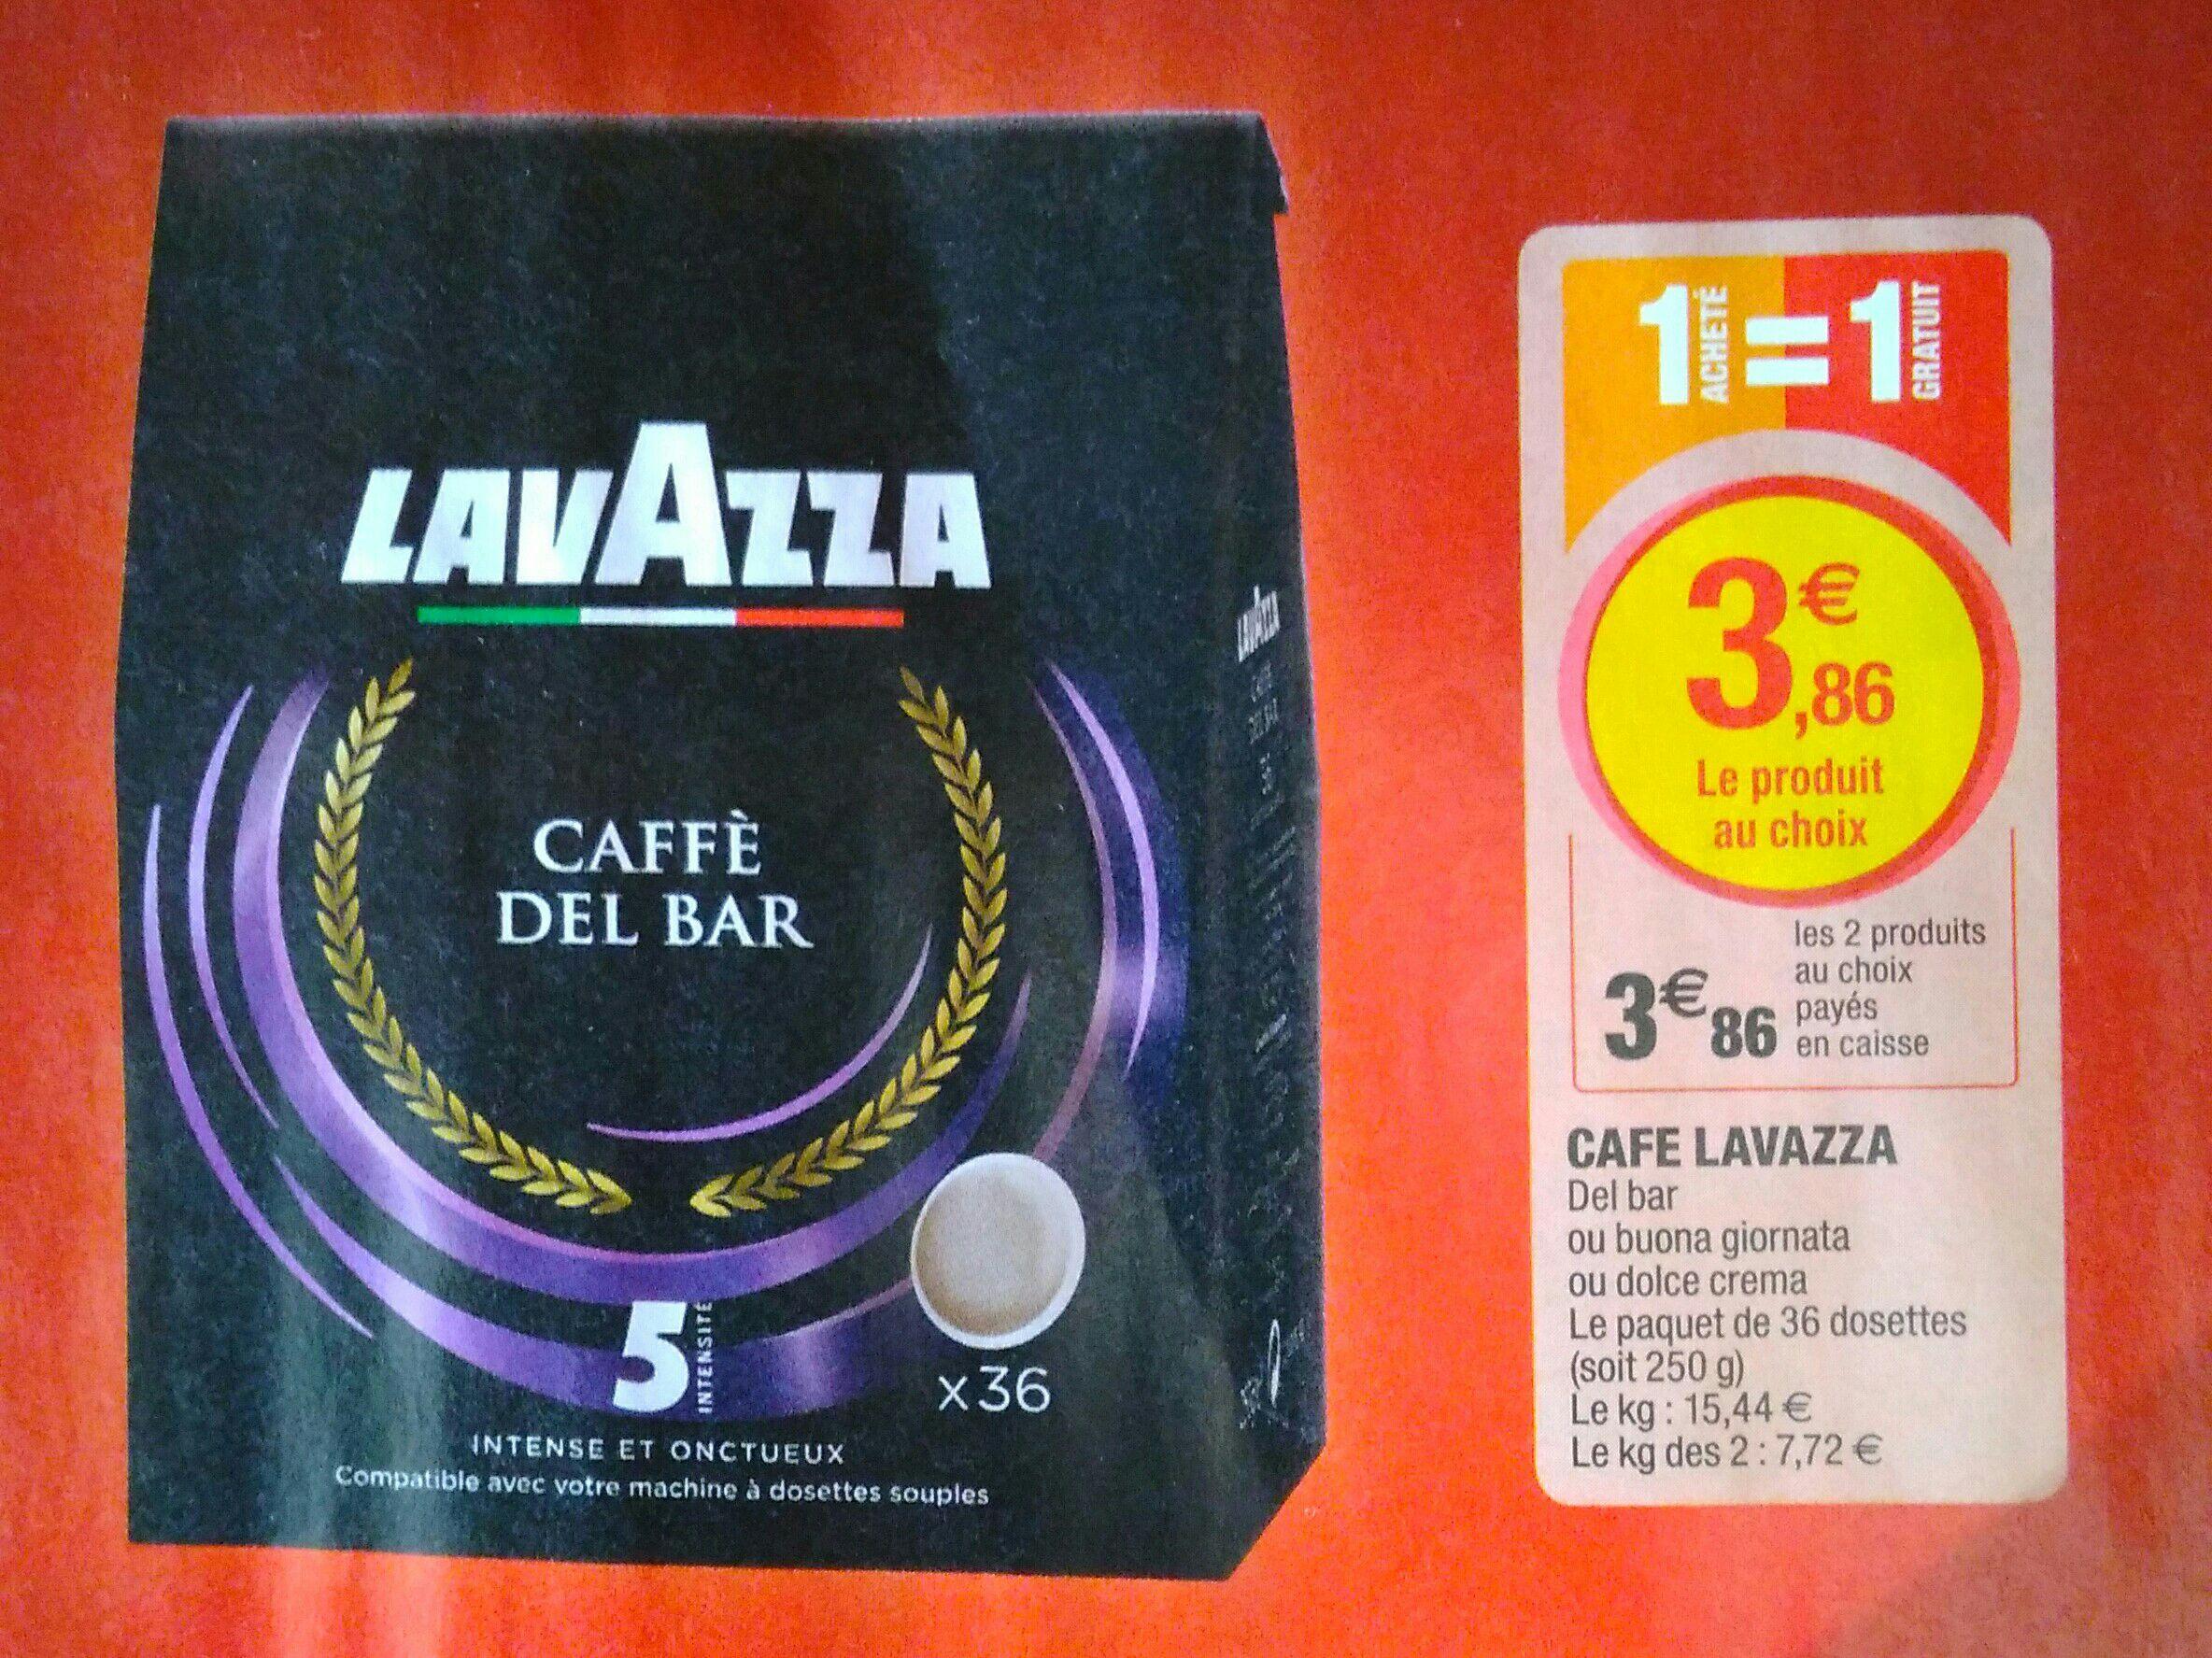 2 paquets de café Lavazza (36 dosette)